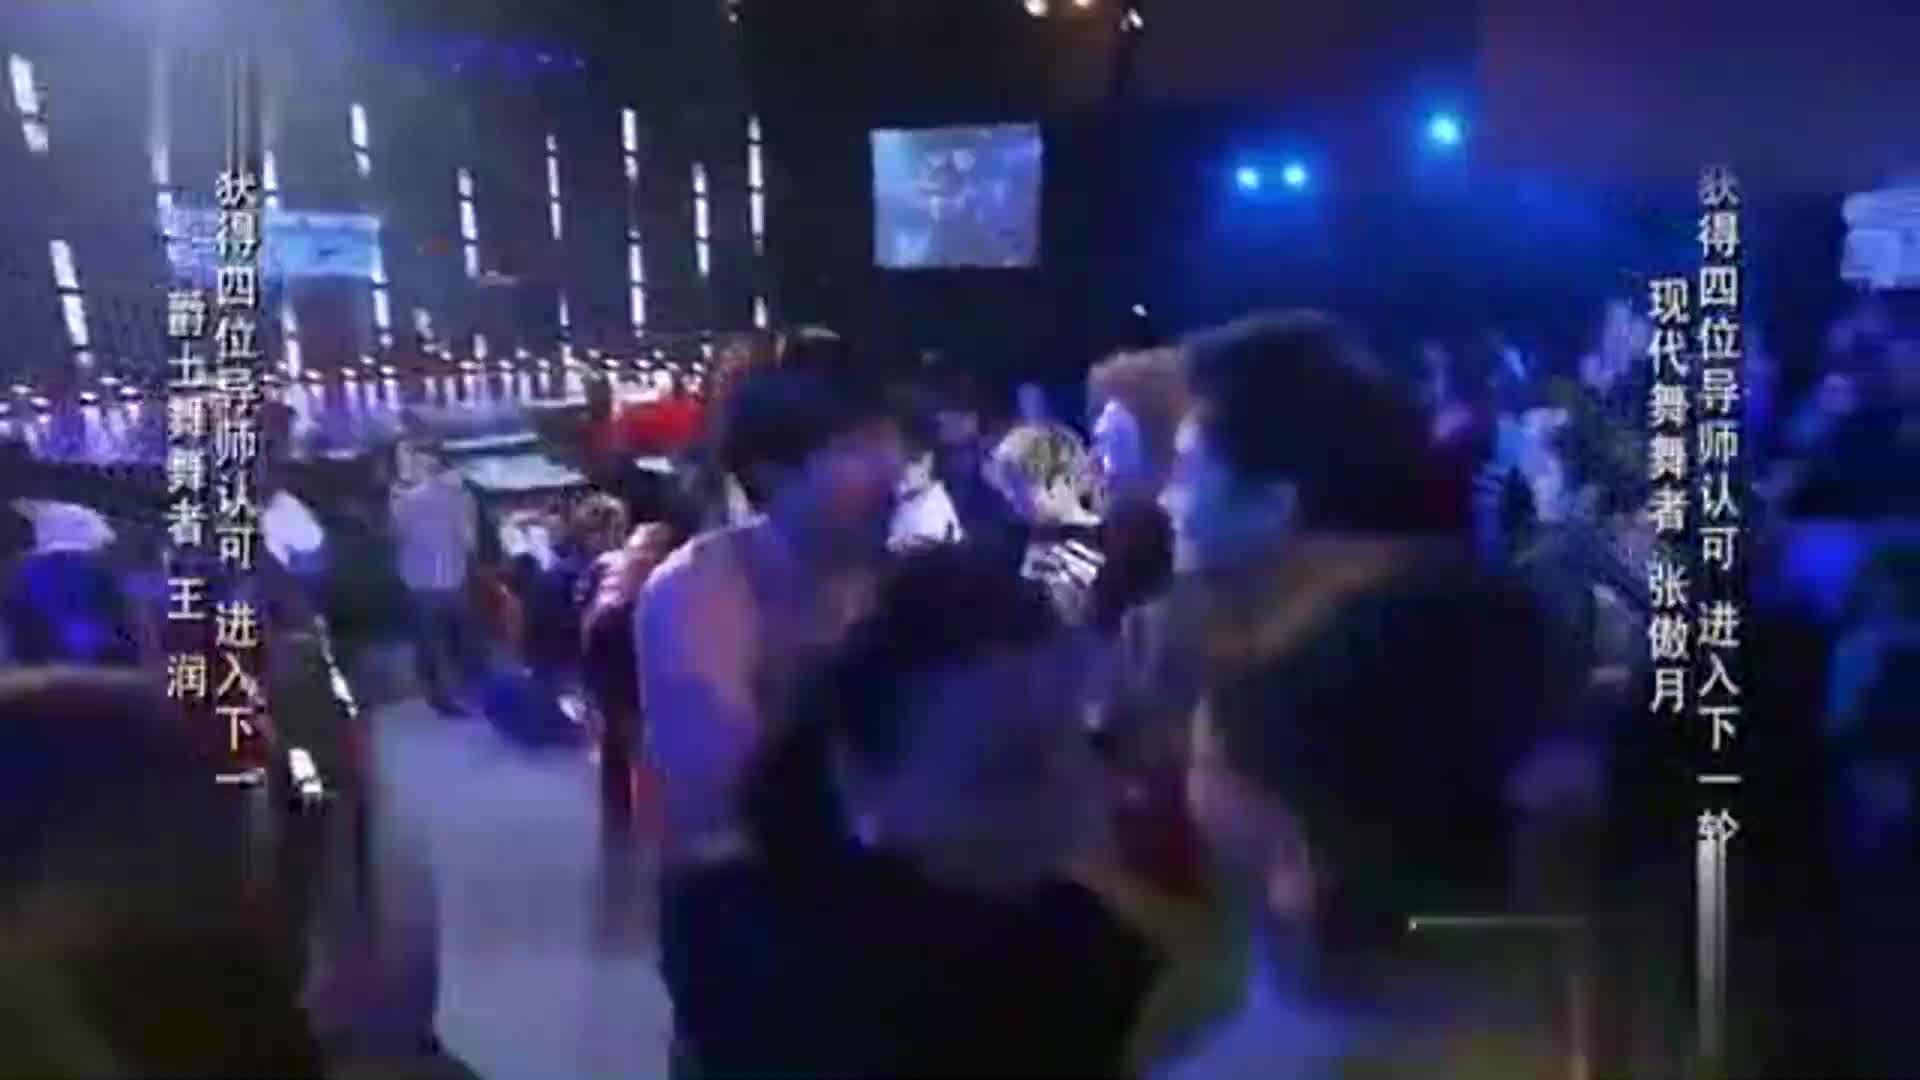 舞林争霸:郭爽展示柔美现代舞,让人看得心惊肉跳,杨丽萍看楞了